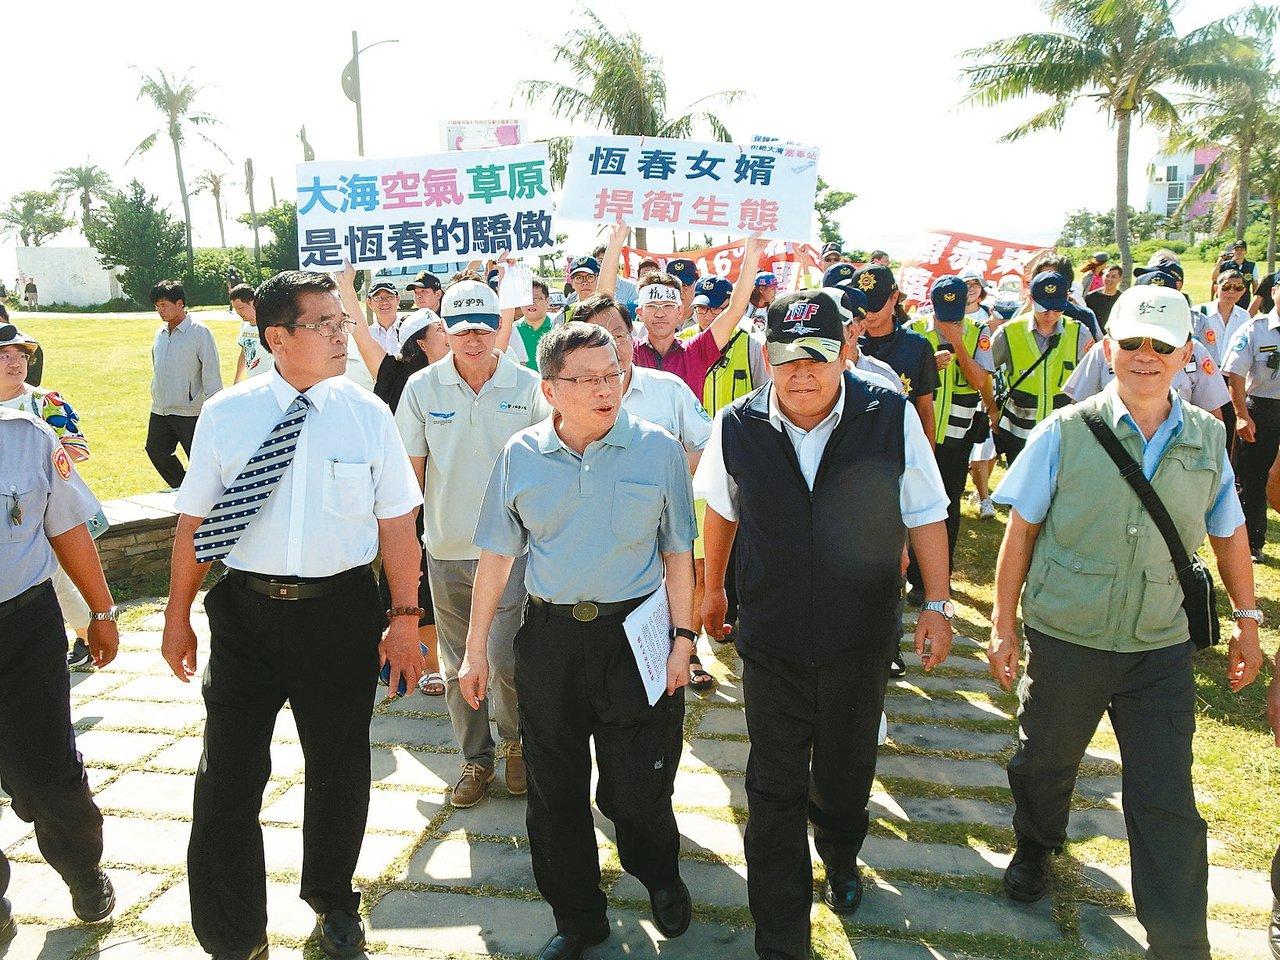 營建署長許文龍(中)南下墾丁現勘,兩個訴求不同的陳抗團體在後方拉布條、高聲表達訴...